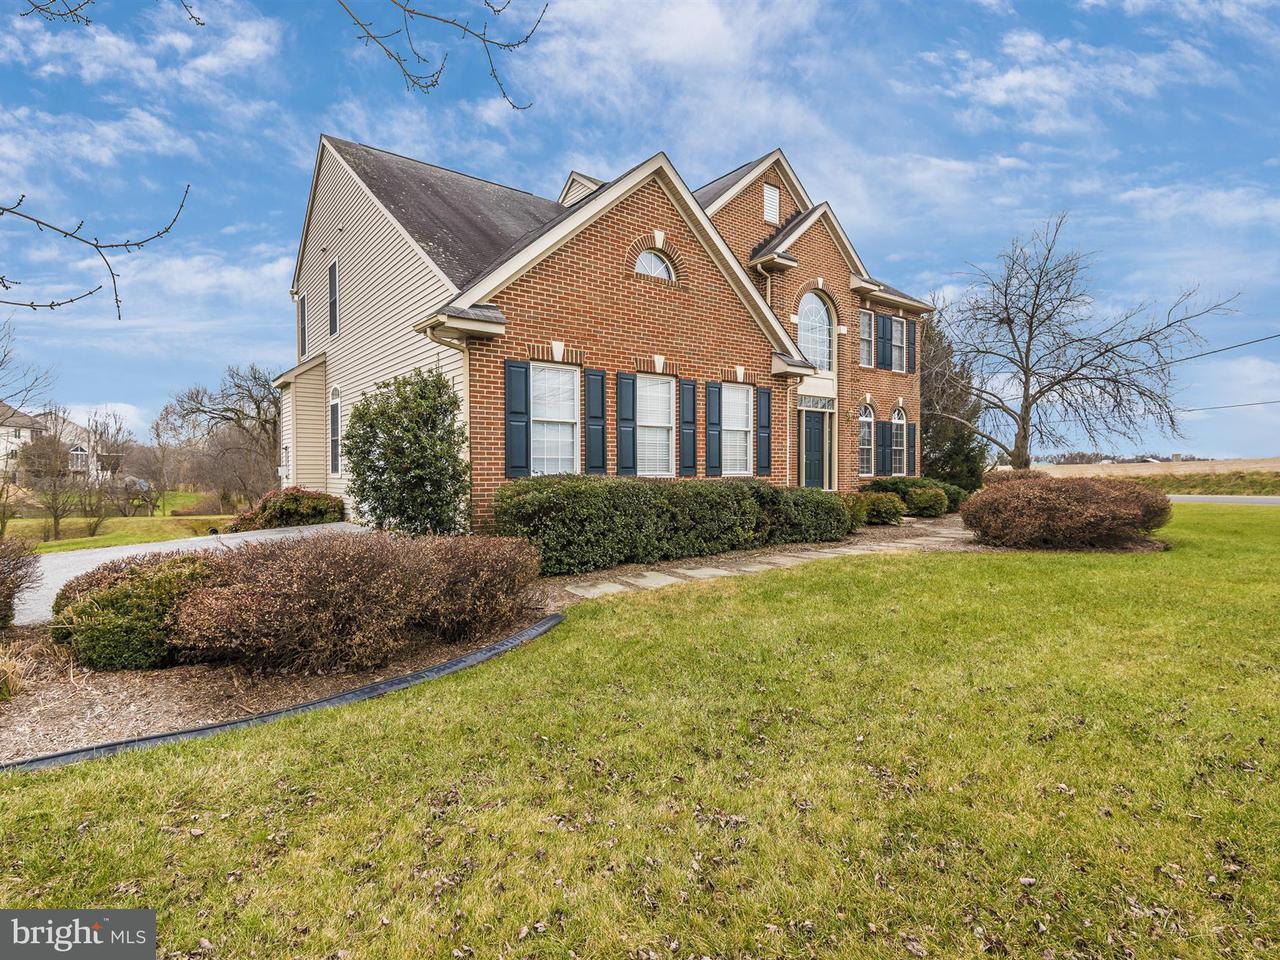 獨棟家庭住宅 為 出售 在 200 Creek Walk Drive 200 Creek Walk Drive Walkersville, 馬里蘭州 21793 美國